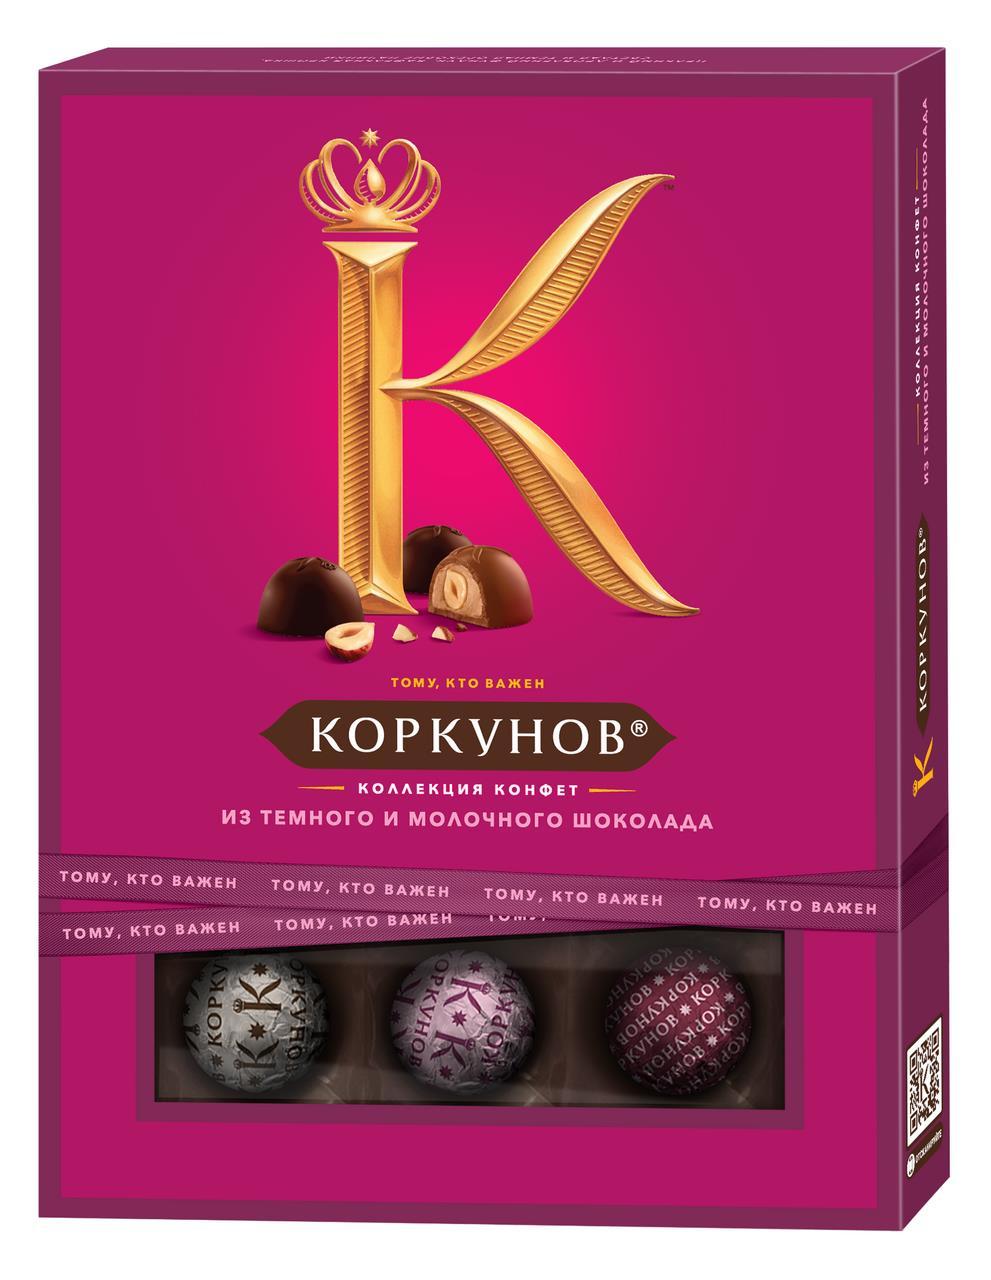 Конфеты А.КОРКУНОВ тёмный+молочный шоколад, 110 г